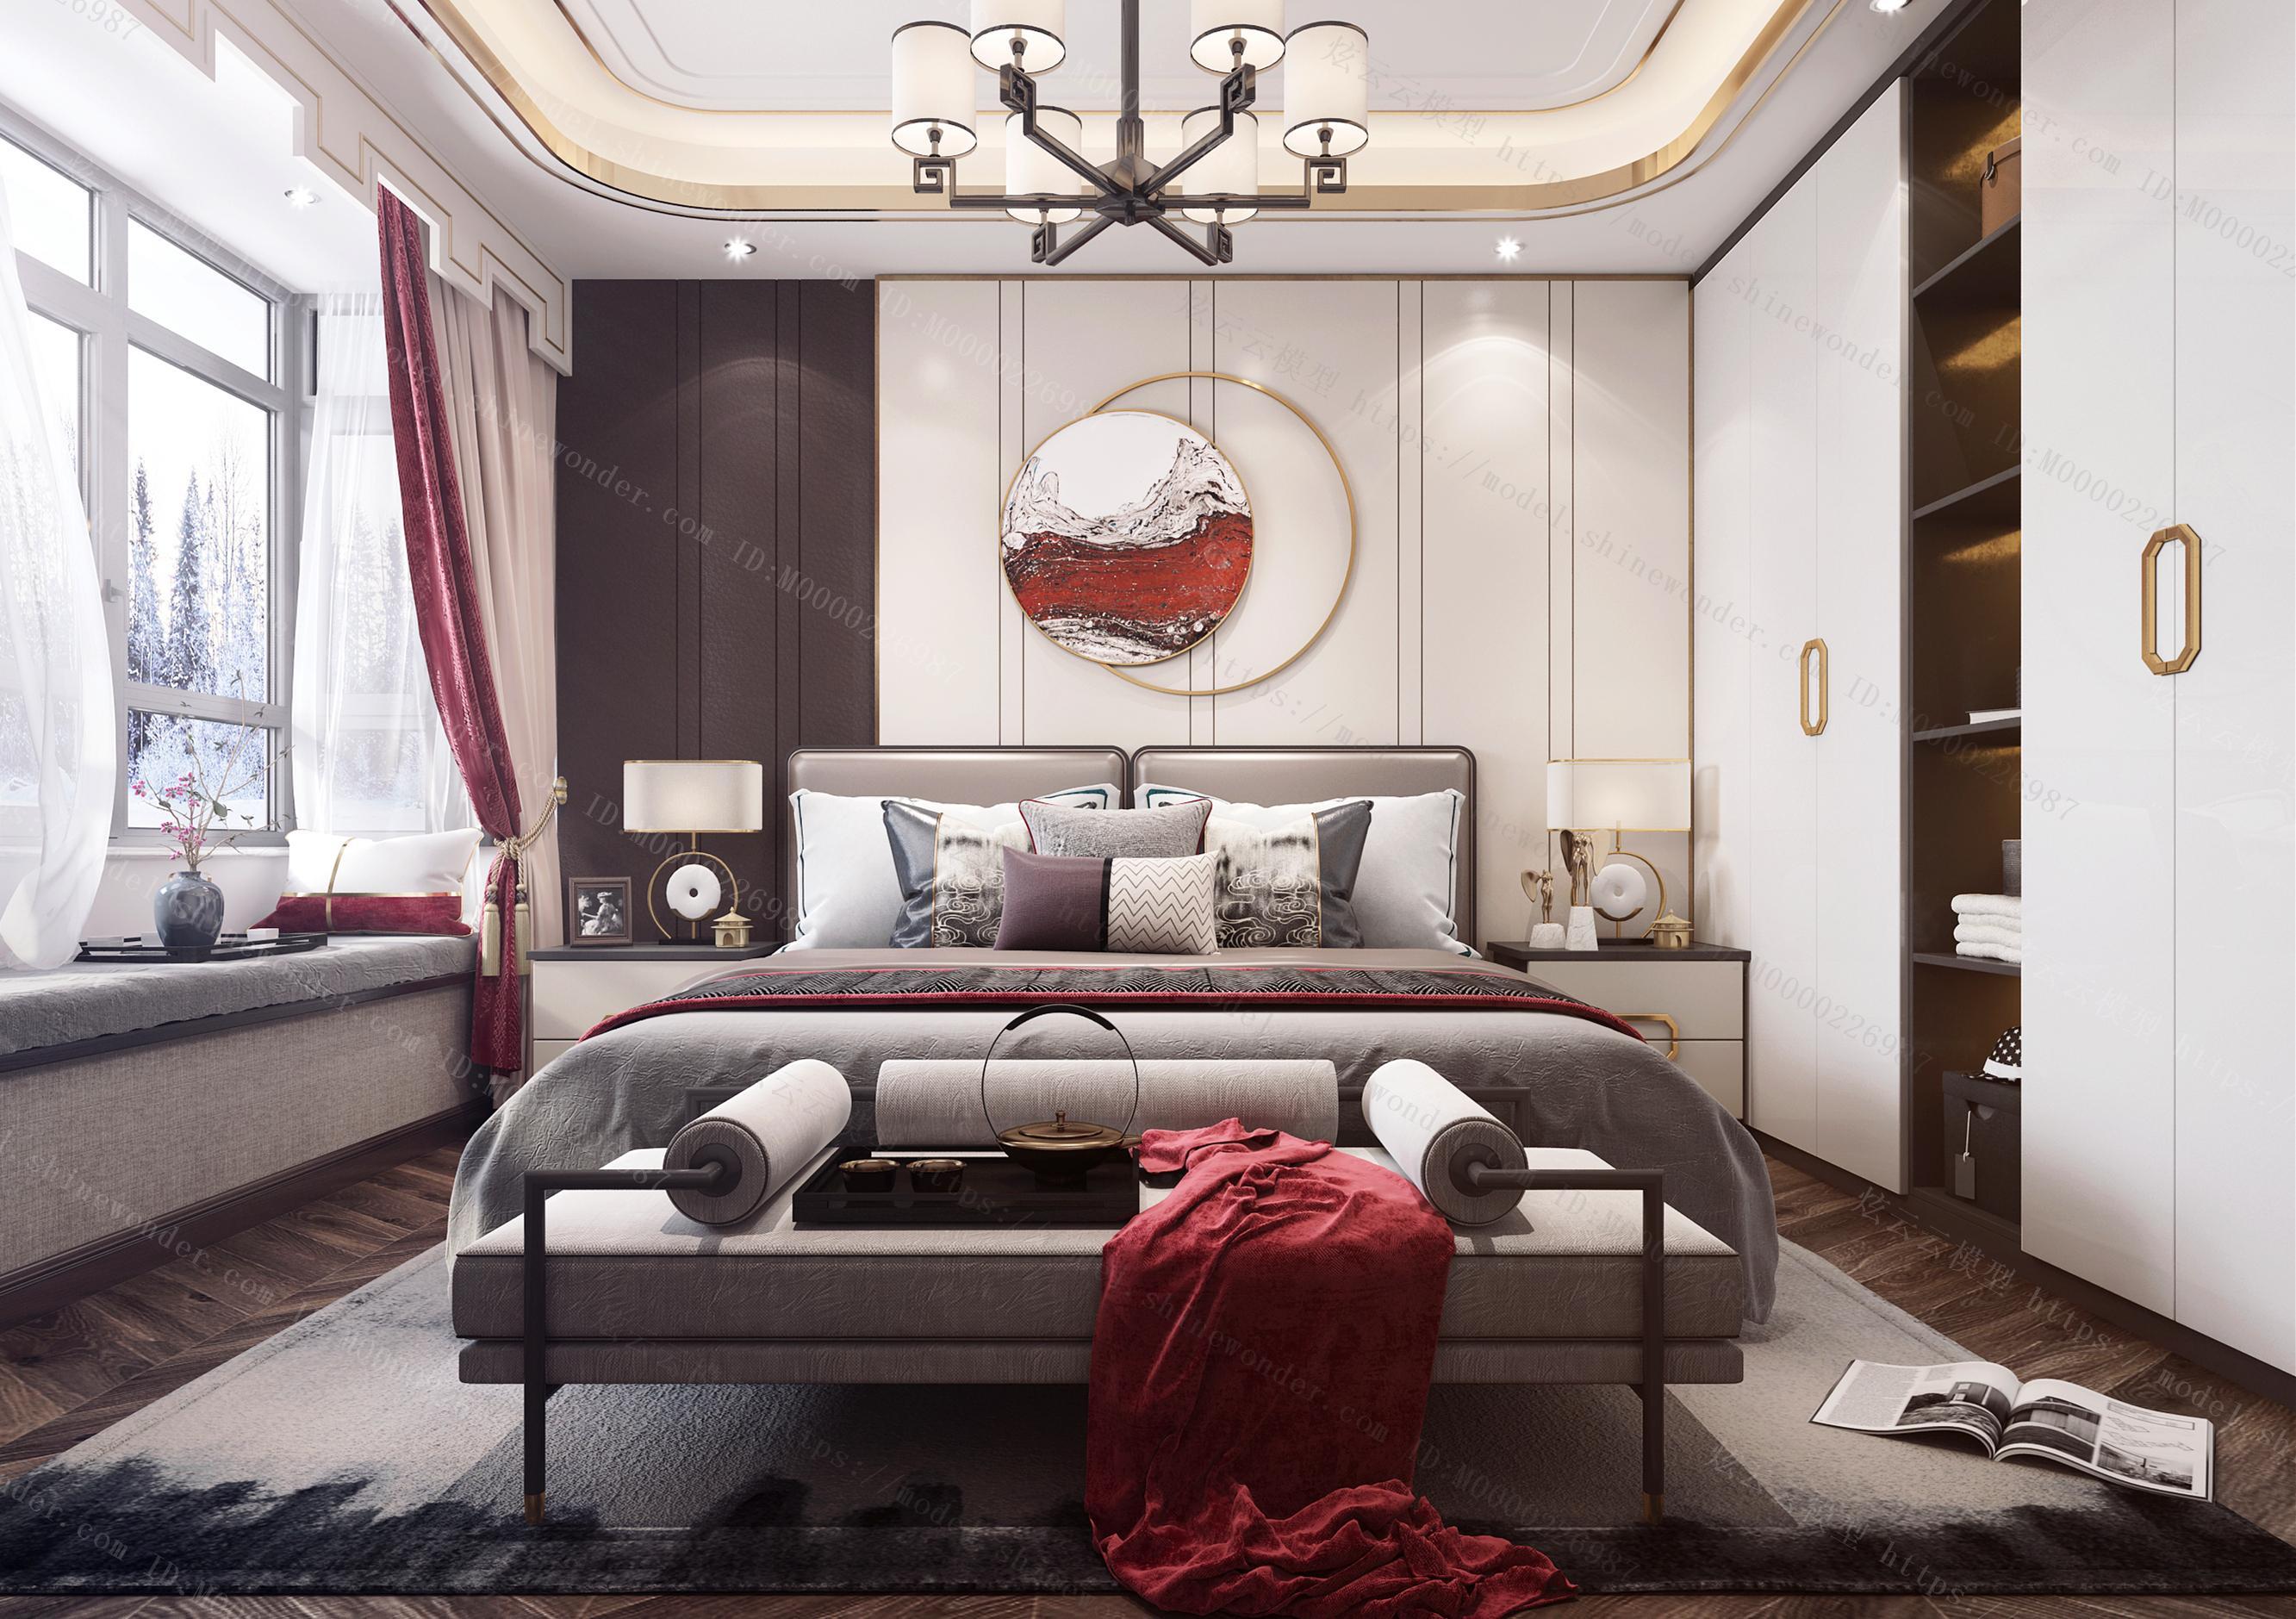 新中式风格主卧室模型